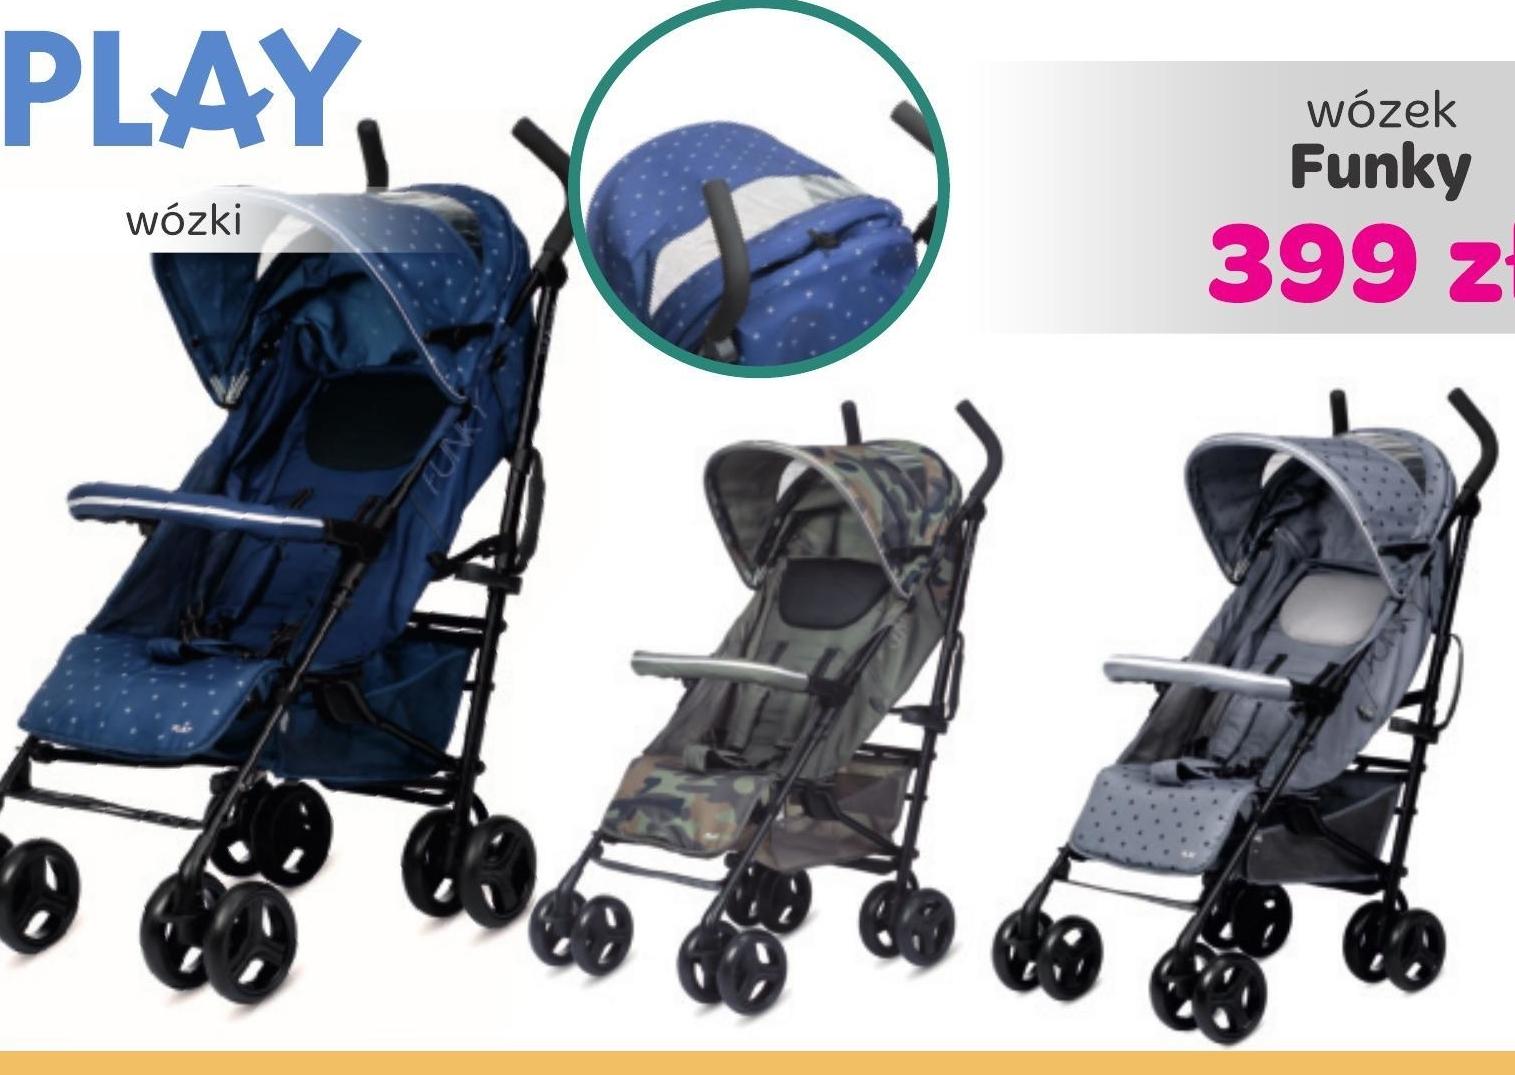 Wózek dziecięcy Play niska cena